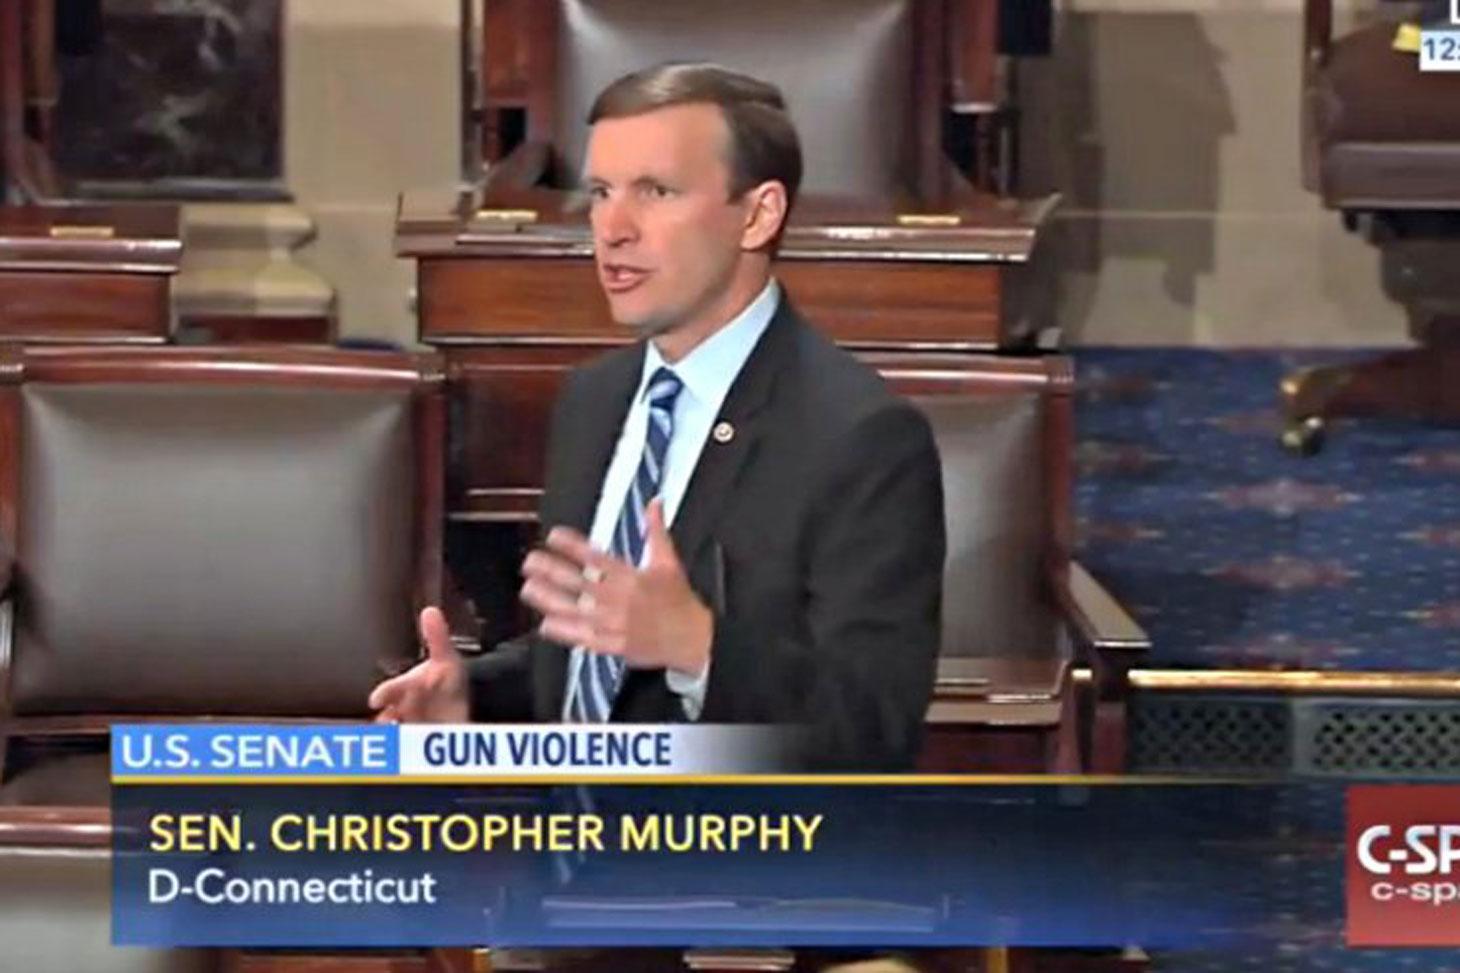 Sen. Murphy speaking on the Senate floor